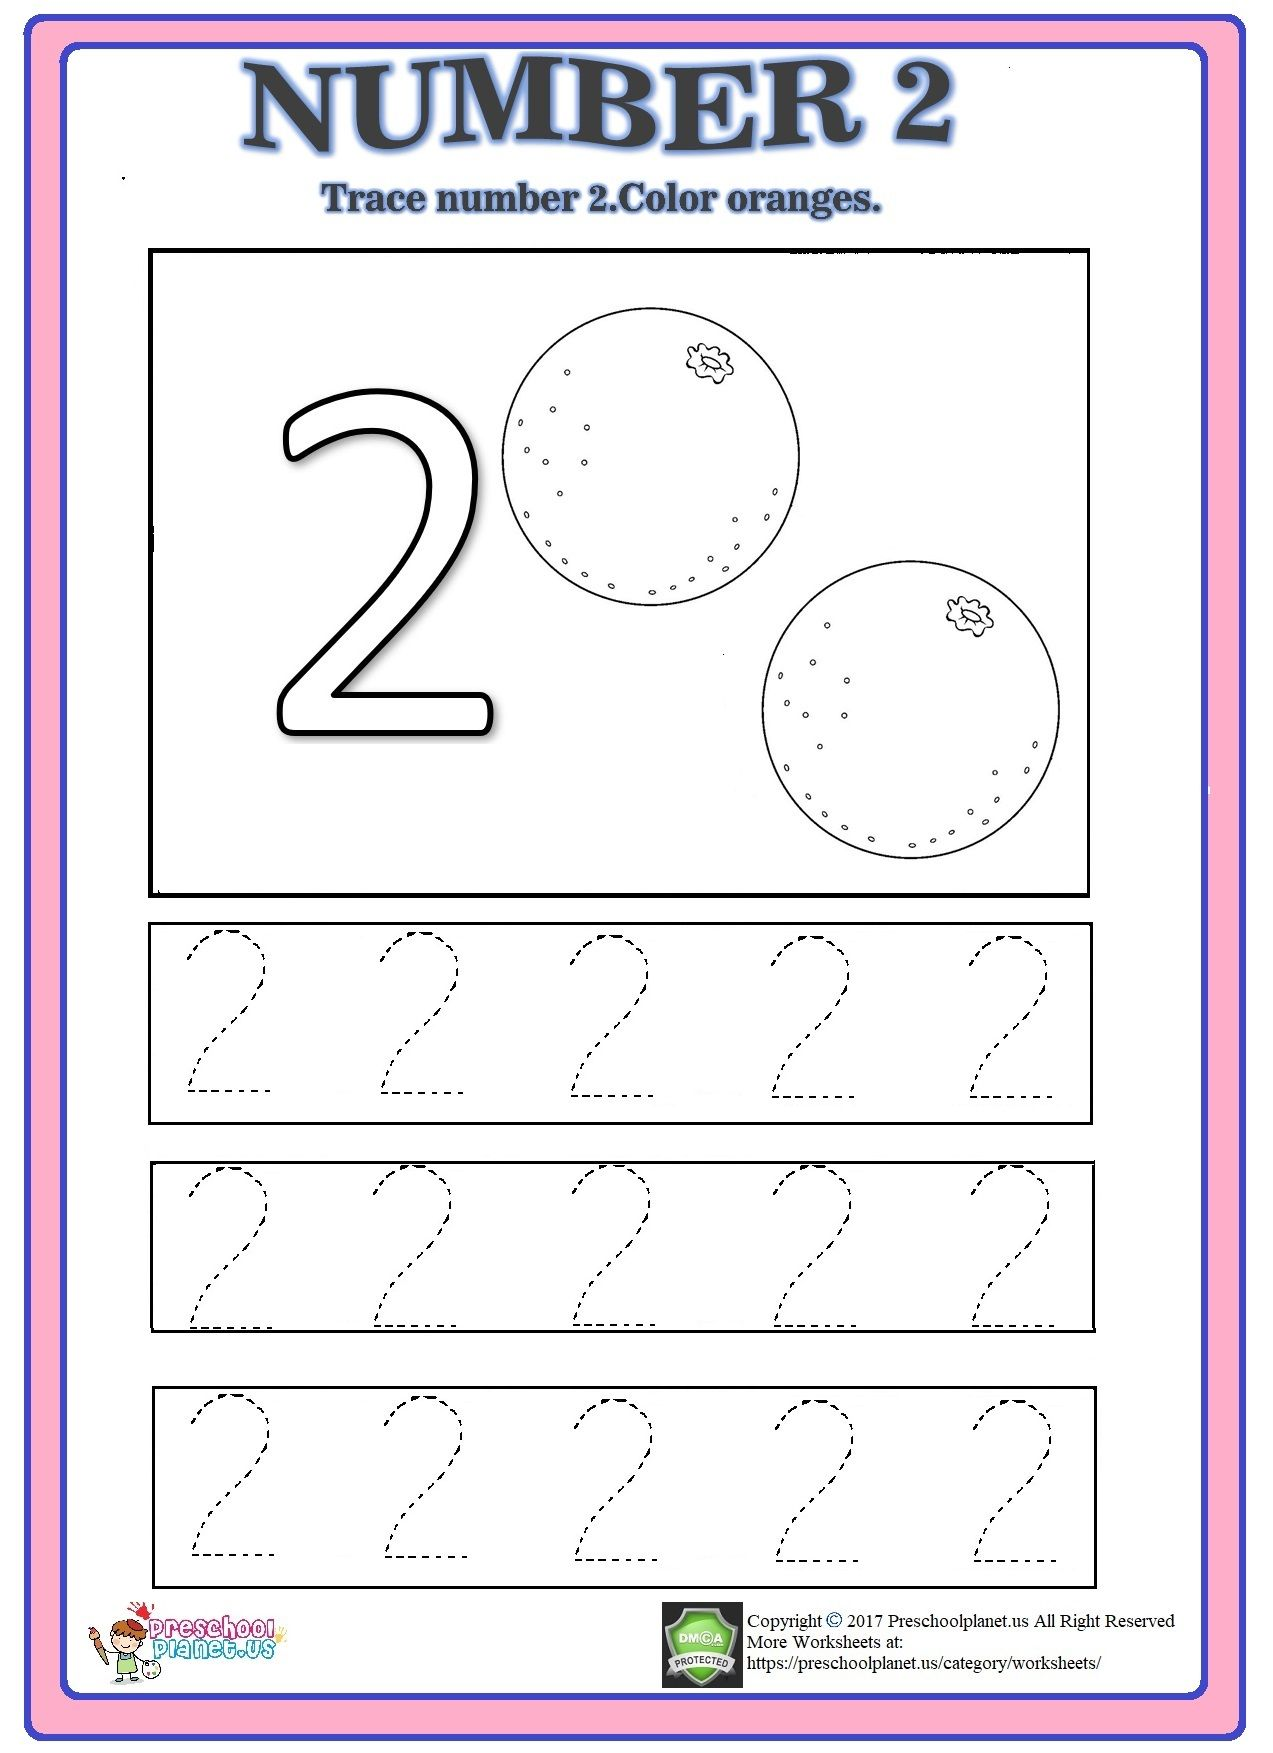 Number 2 Trace Wotksheet Preschool Worksheets Kindergarten Worksheets Printable Numbers Kindergarten